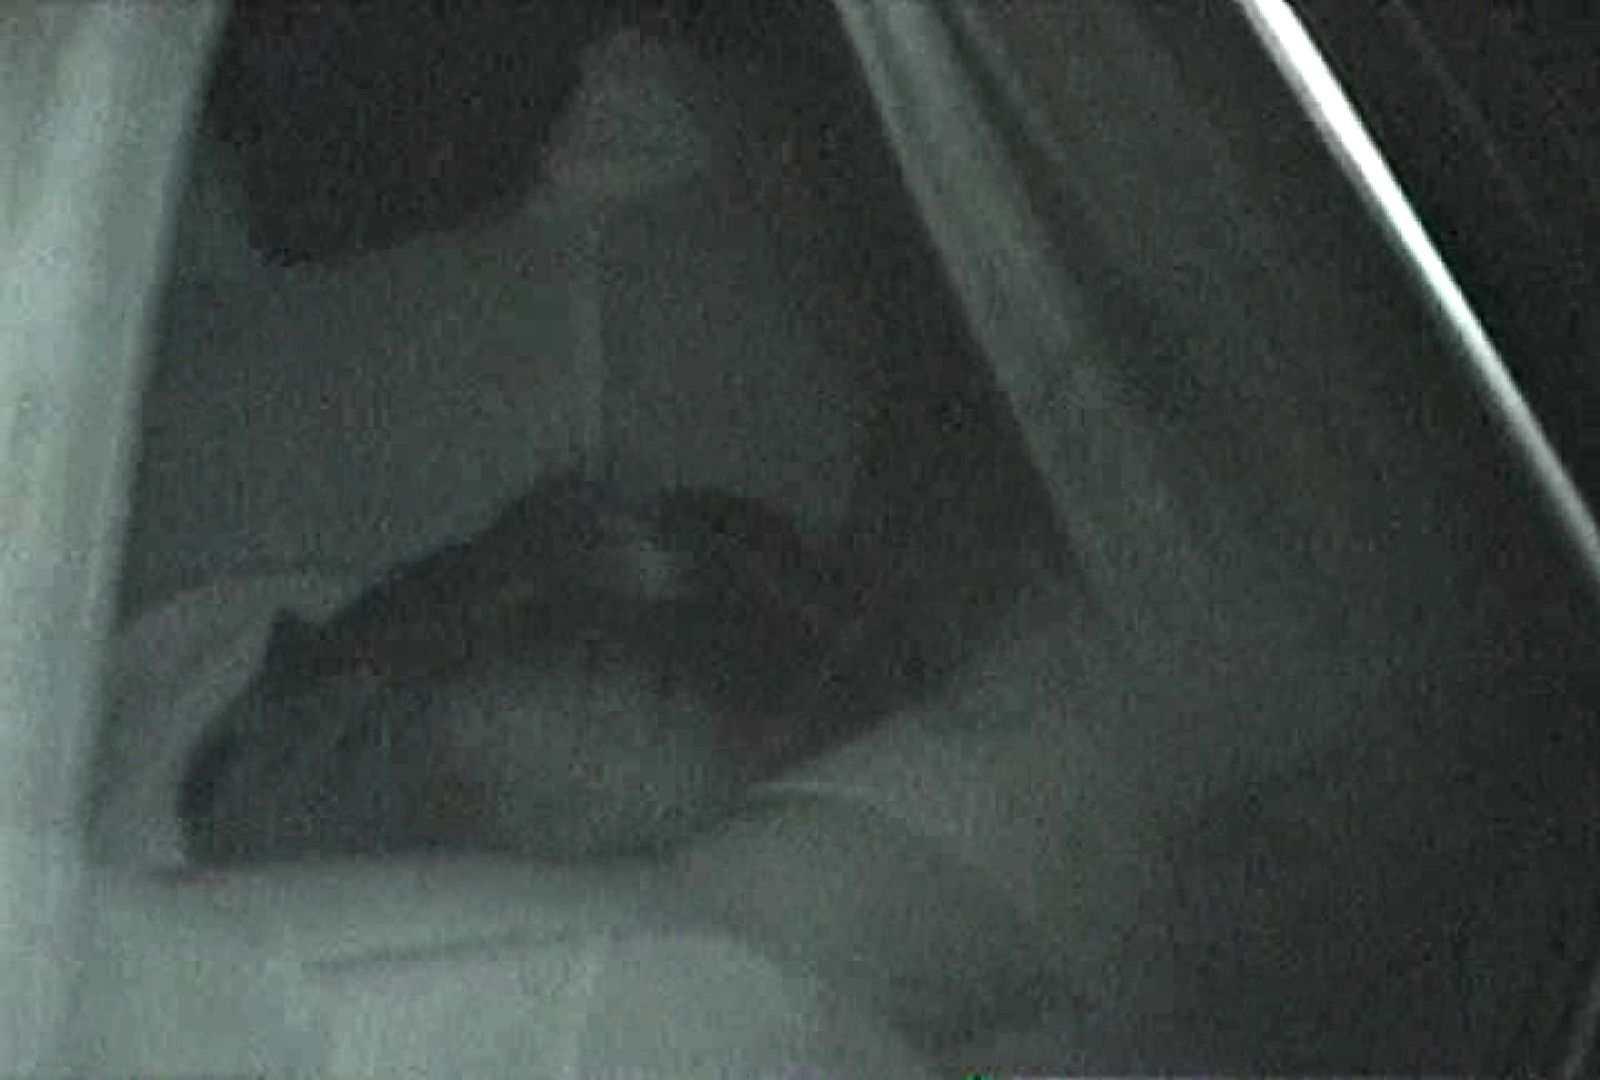 充血監督の深夜の運動会Vol.90 エロすぎオナニー | ギャルのエロ動画  107画像 106